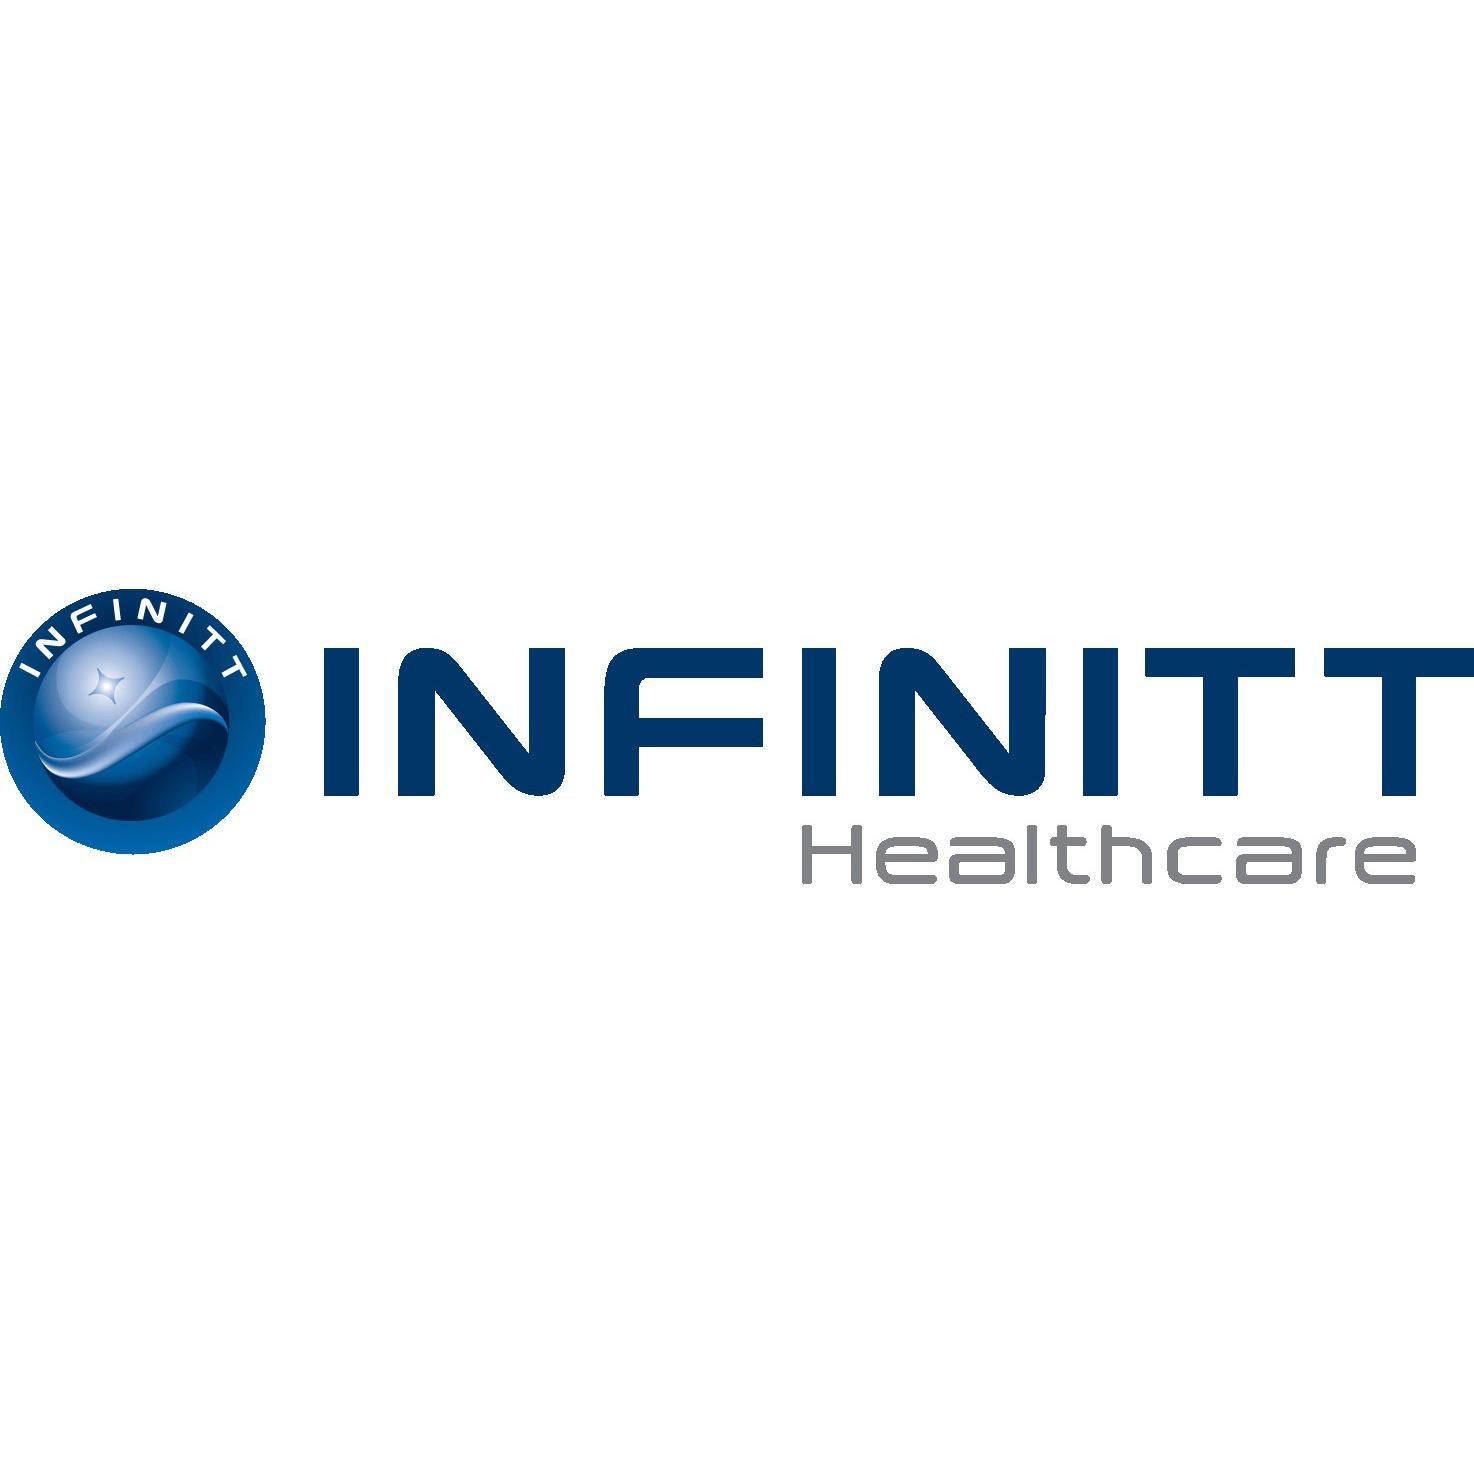 INFINITT Healthcare inaugure sa filiale en France pour les journées Francophones de Radiologie et nomme Eric Duclos à la direction de la nouvelle structure.